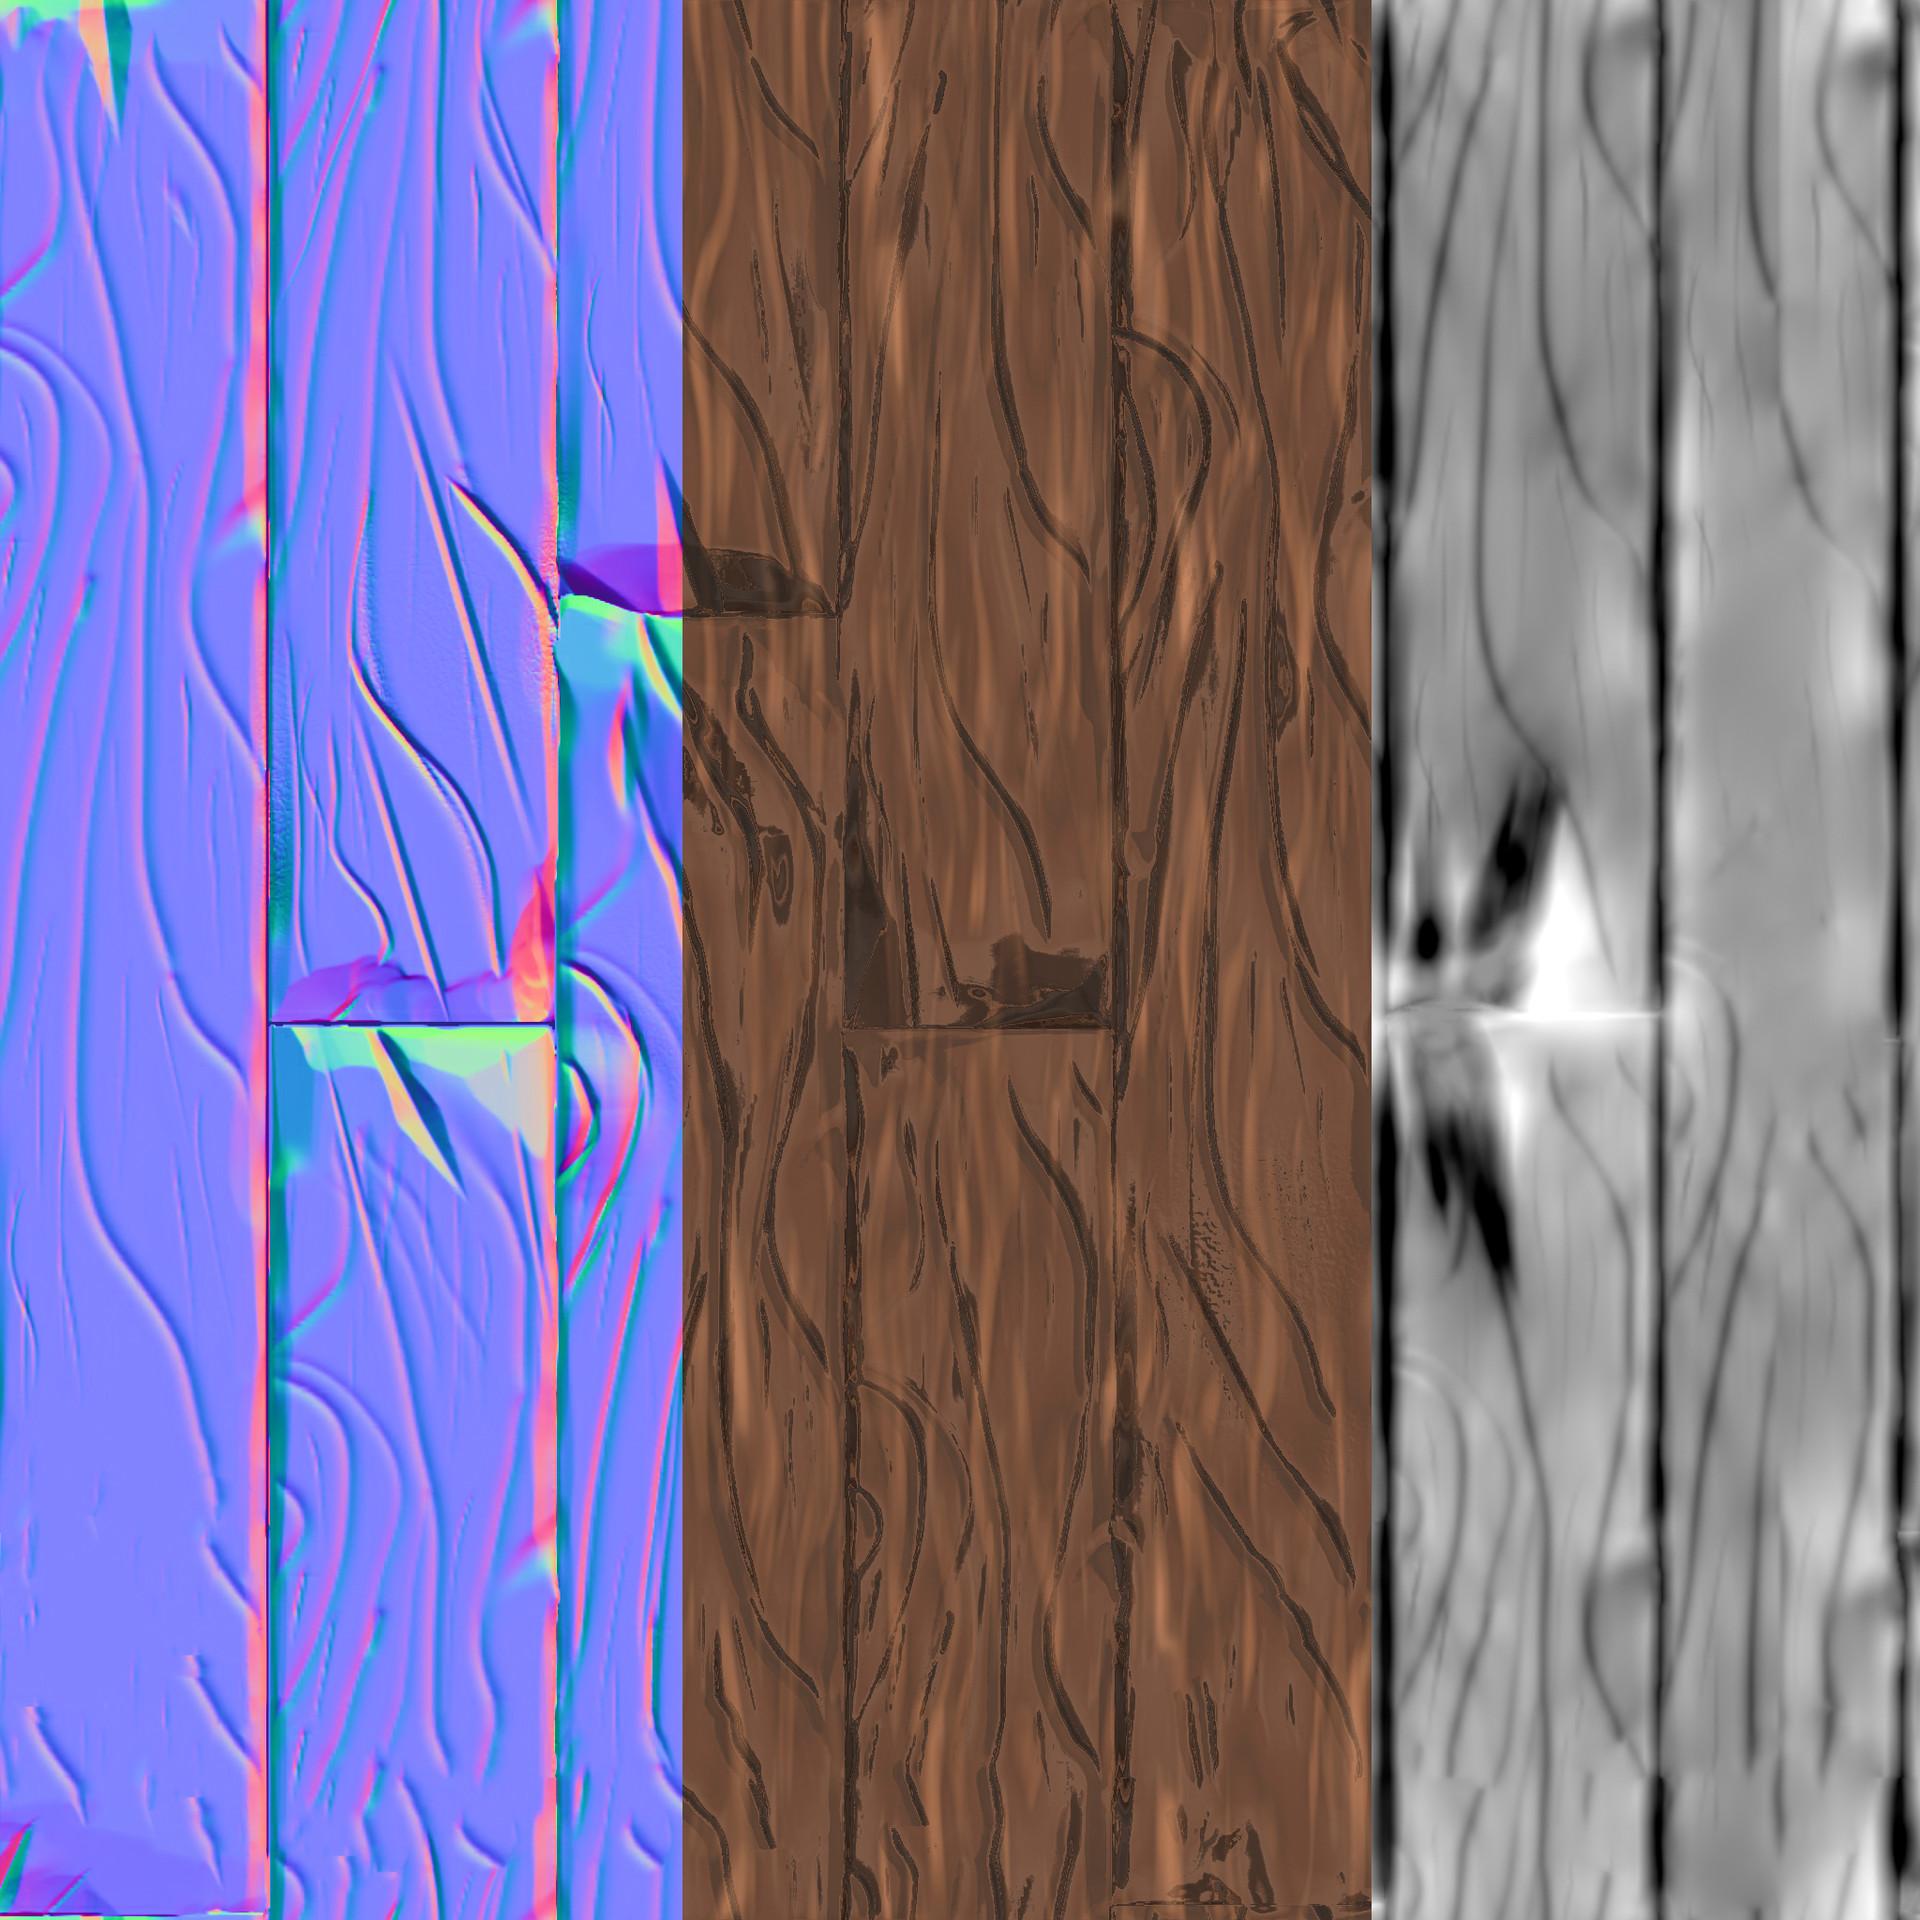 Luigi rao texture seet